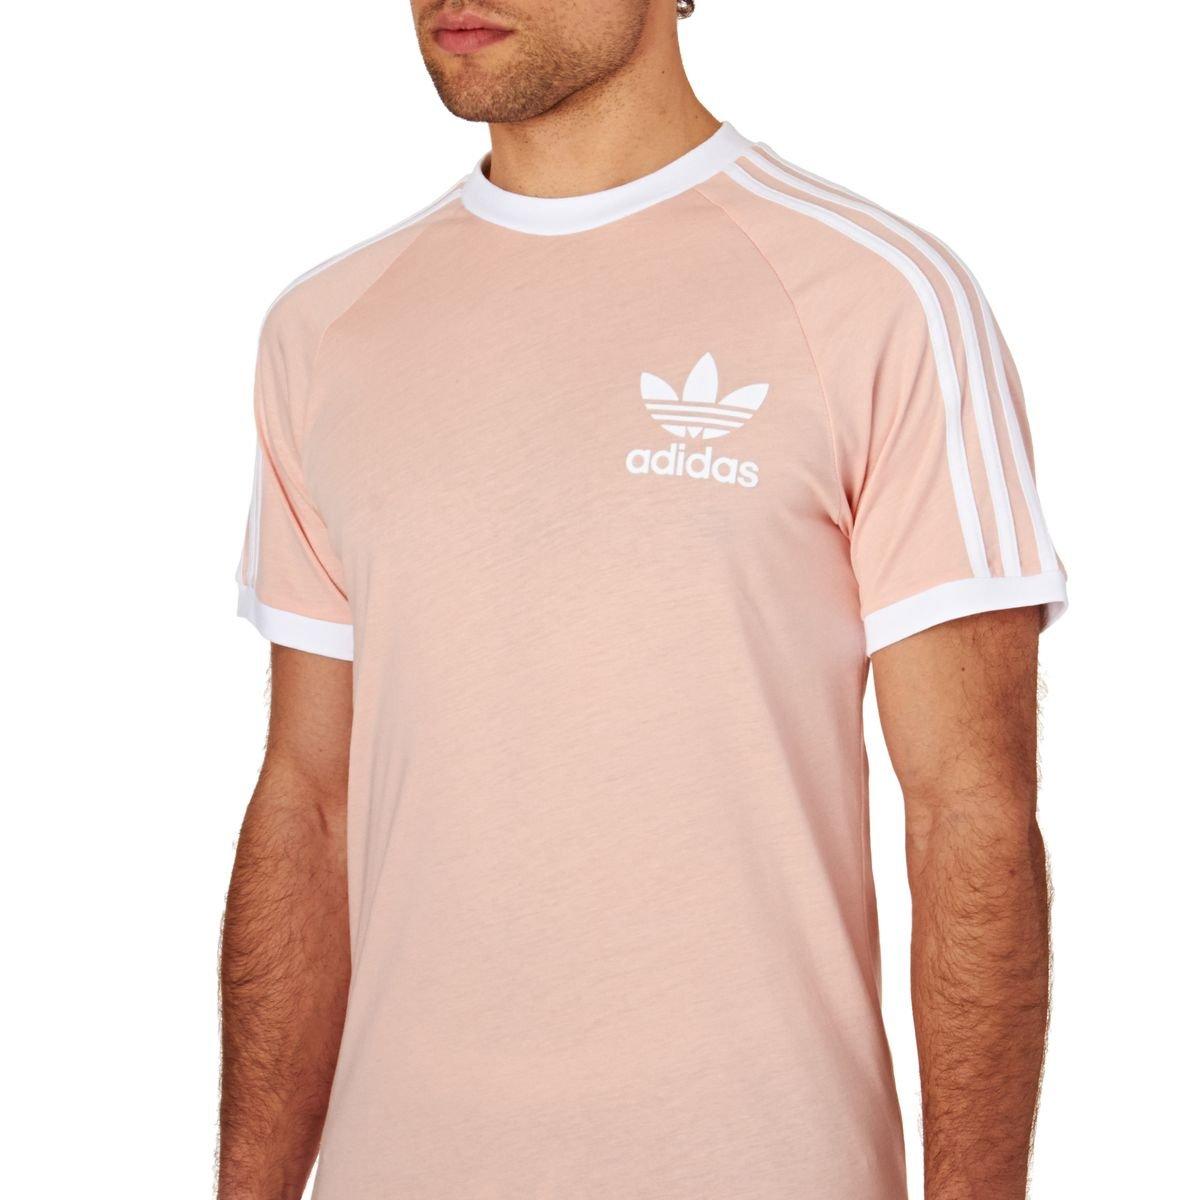 adidas Clfn Camiseta, Hombre, Rosa (Rosvap), S: Amazon.es: Deportes y aire libre